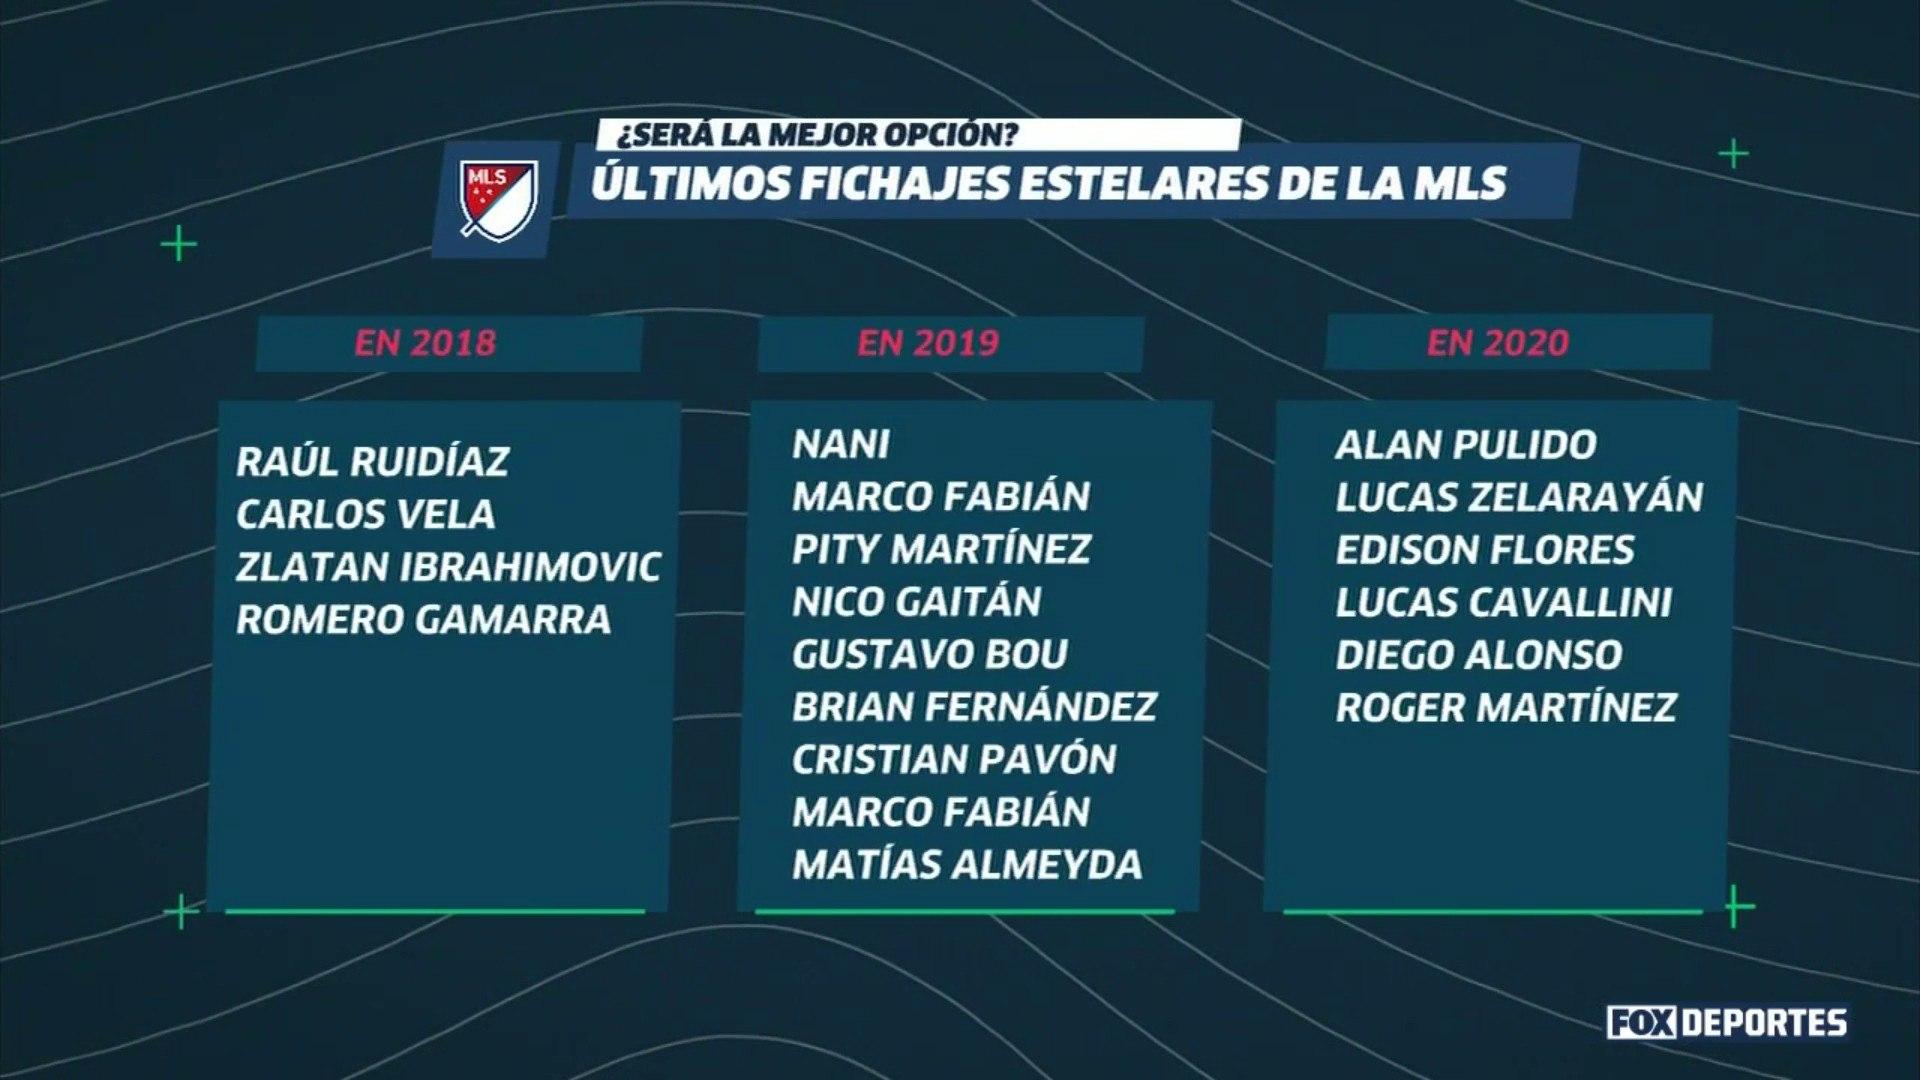 LUP: La MLS se está llevando figuras de la Liga MX